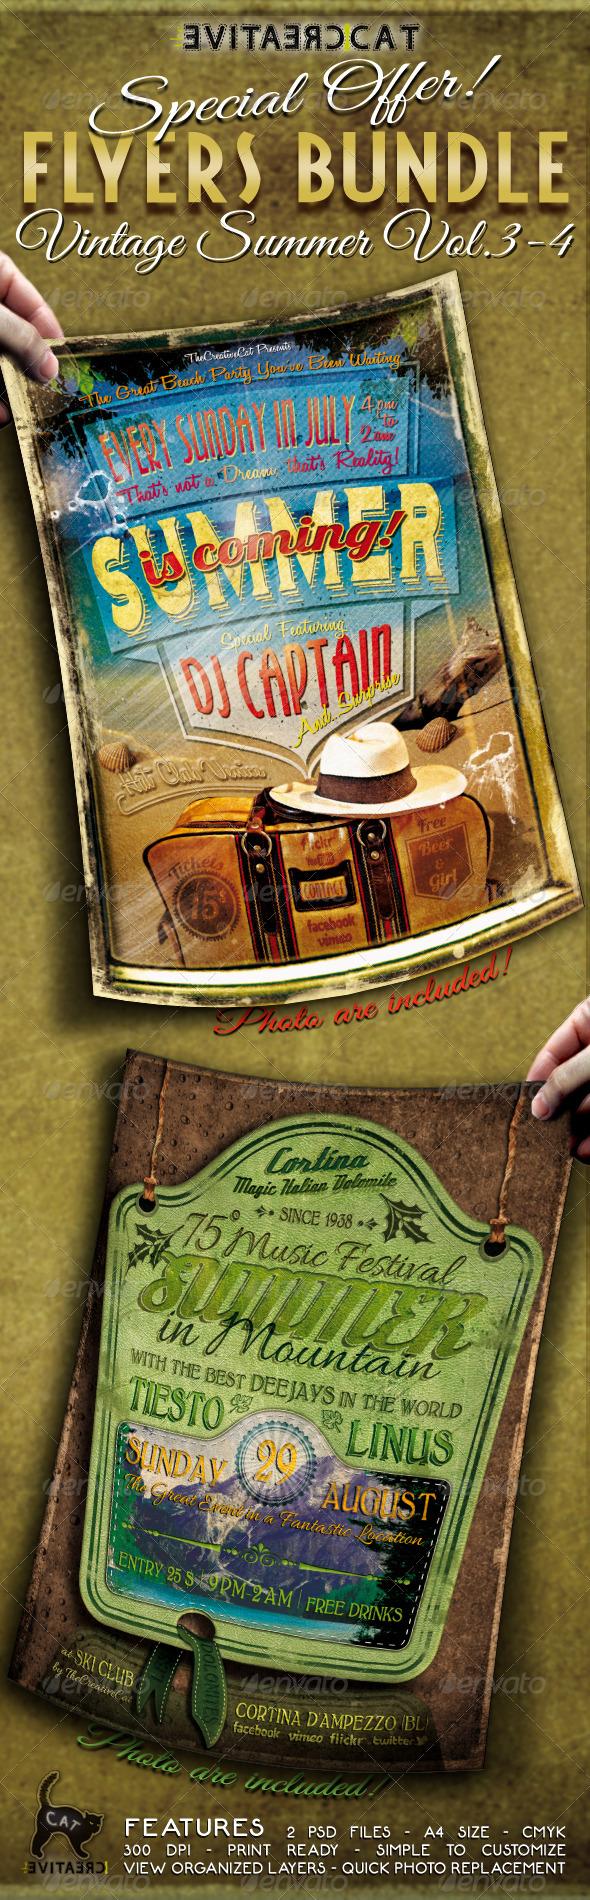 GraphicRiver Vintage Summer Flyer Poster Bundle Vol 3-4 5307192